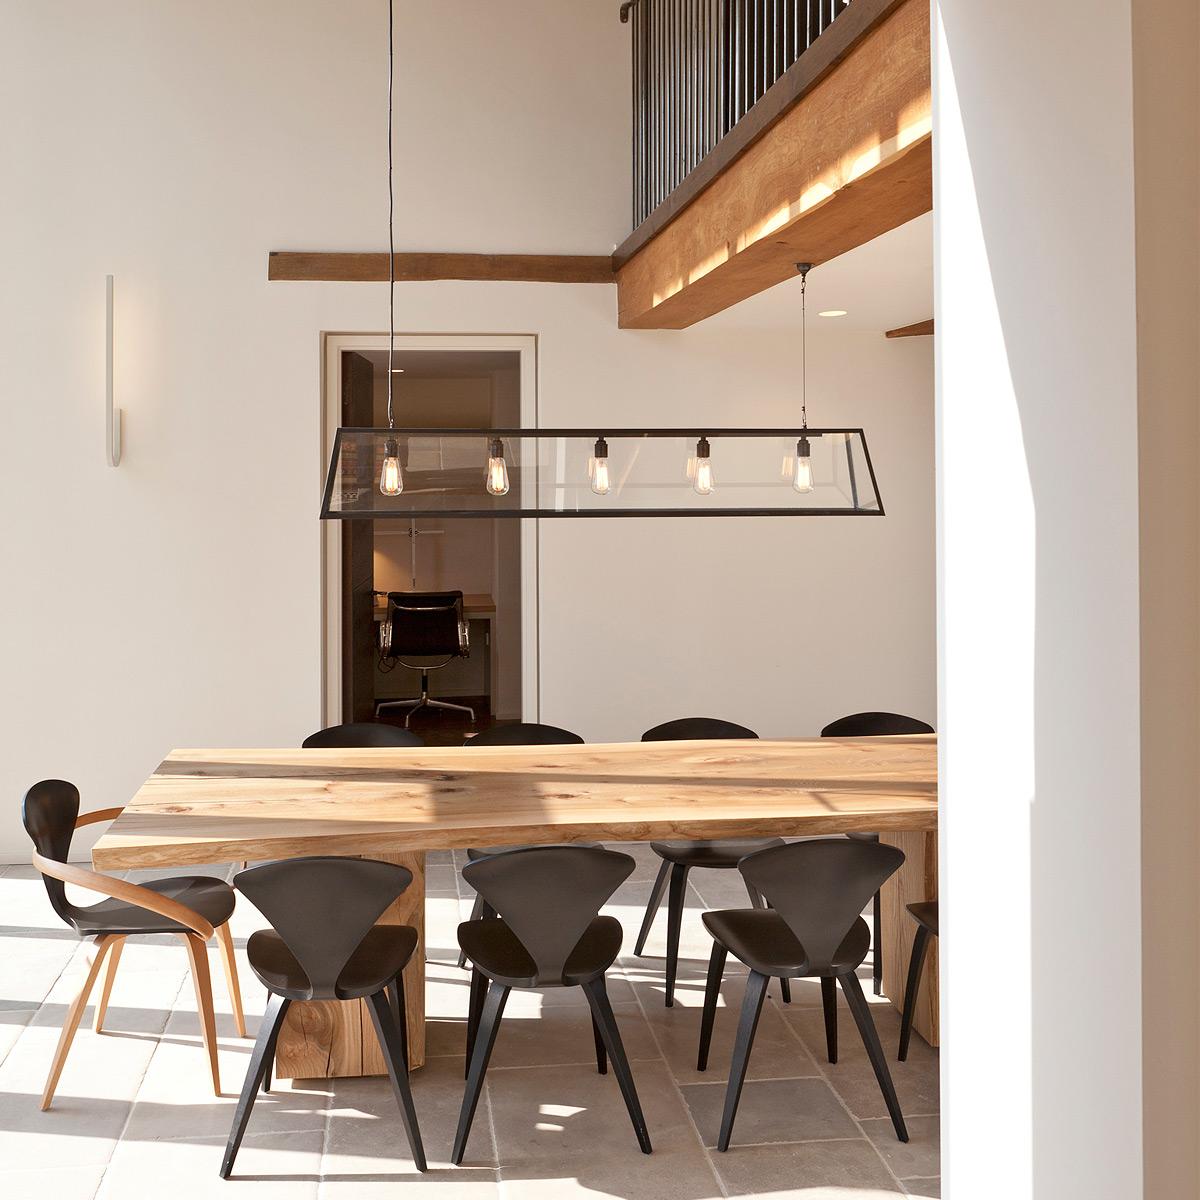 Erfreut Küchenbeleuchtung über Tisch Fotos - Ideen Für Die Küche ...